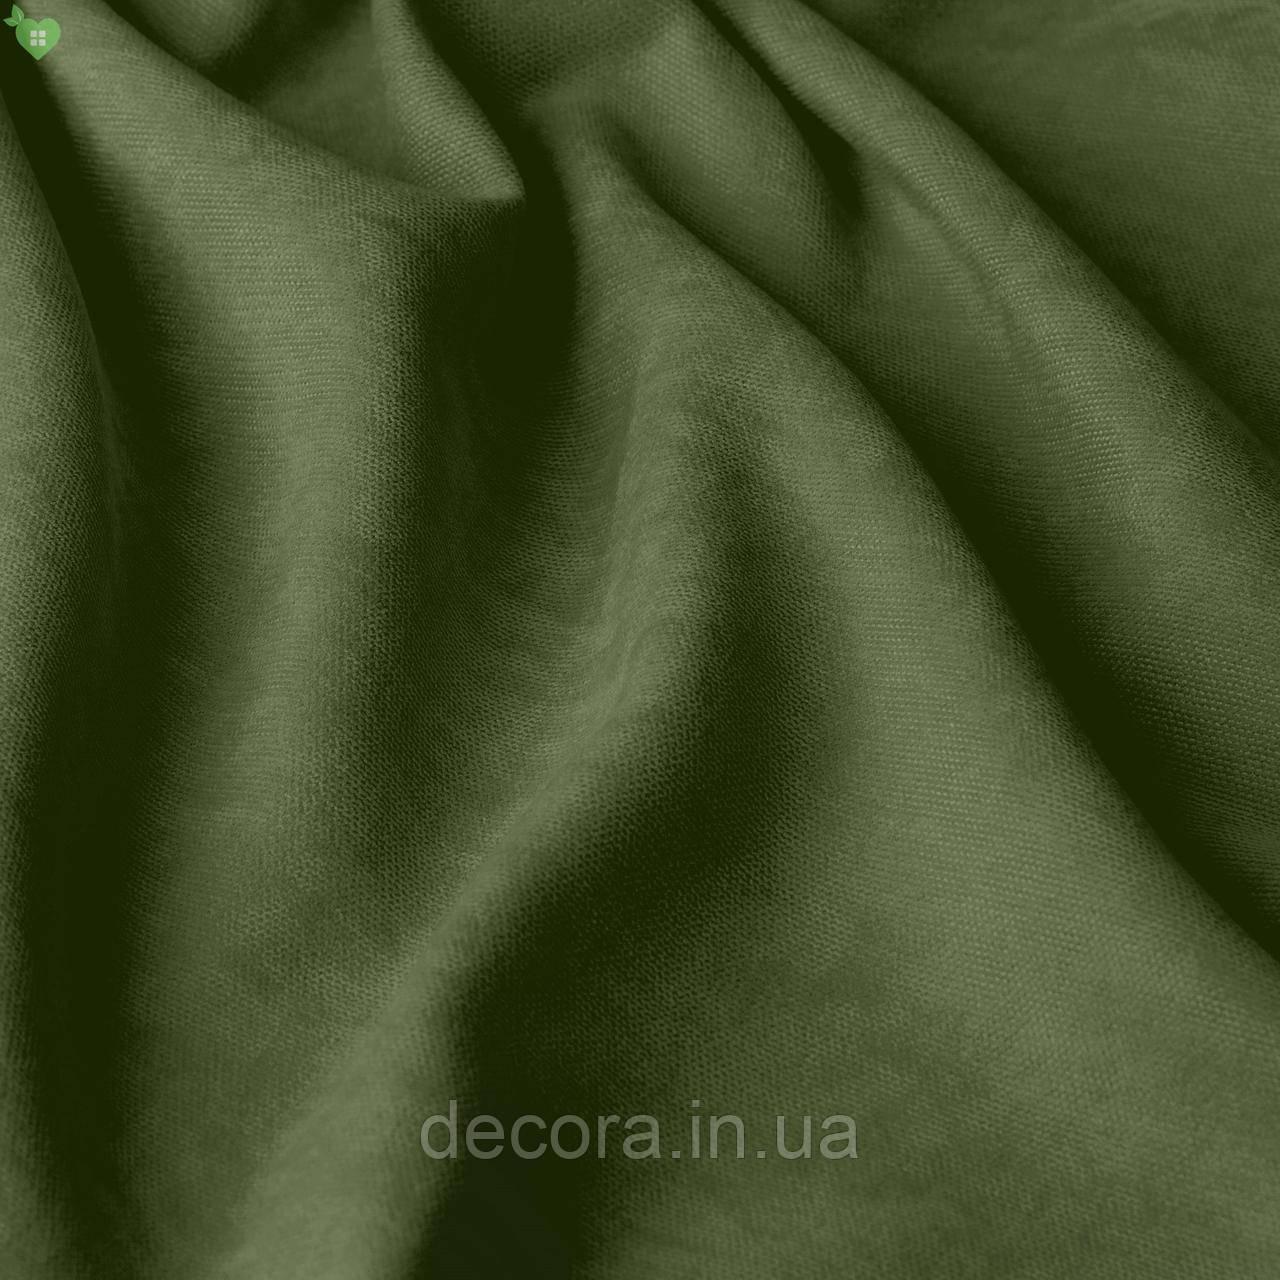 Римська штора із однотонної тканини велюр, темно-оливковий 121000v24